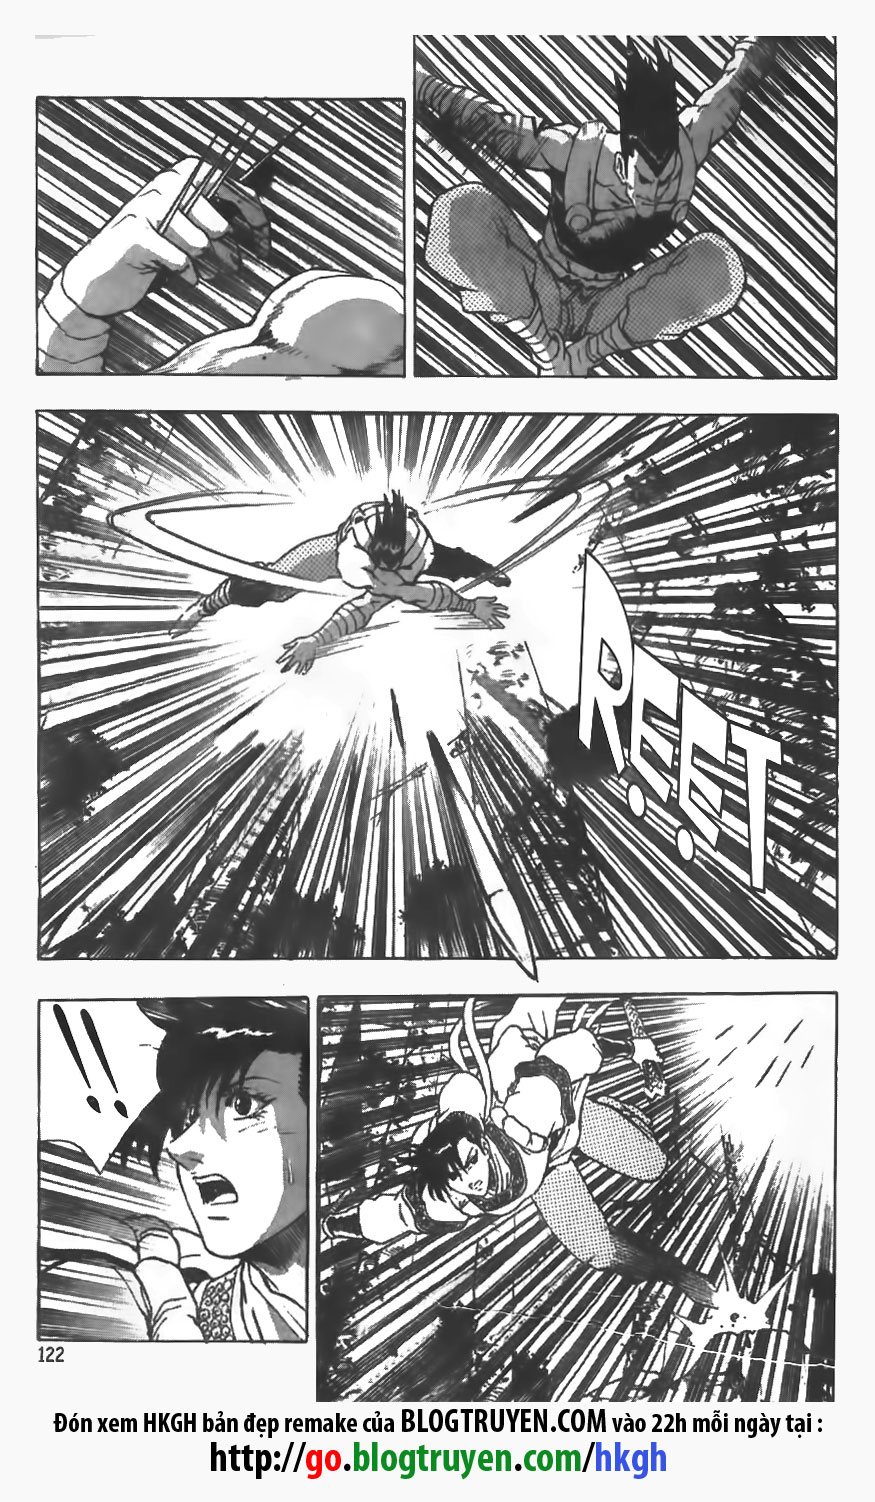 xem truyen moi - Hiệp Khách Giang Hồ Vol13 - Chap 086 - Remake